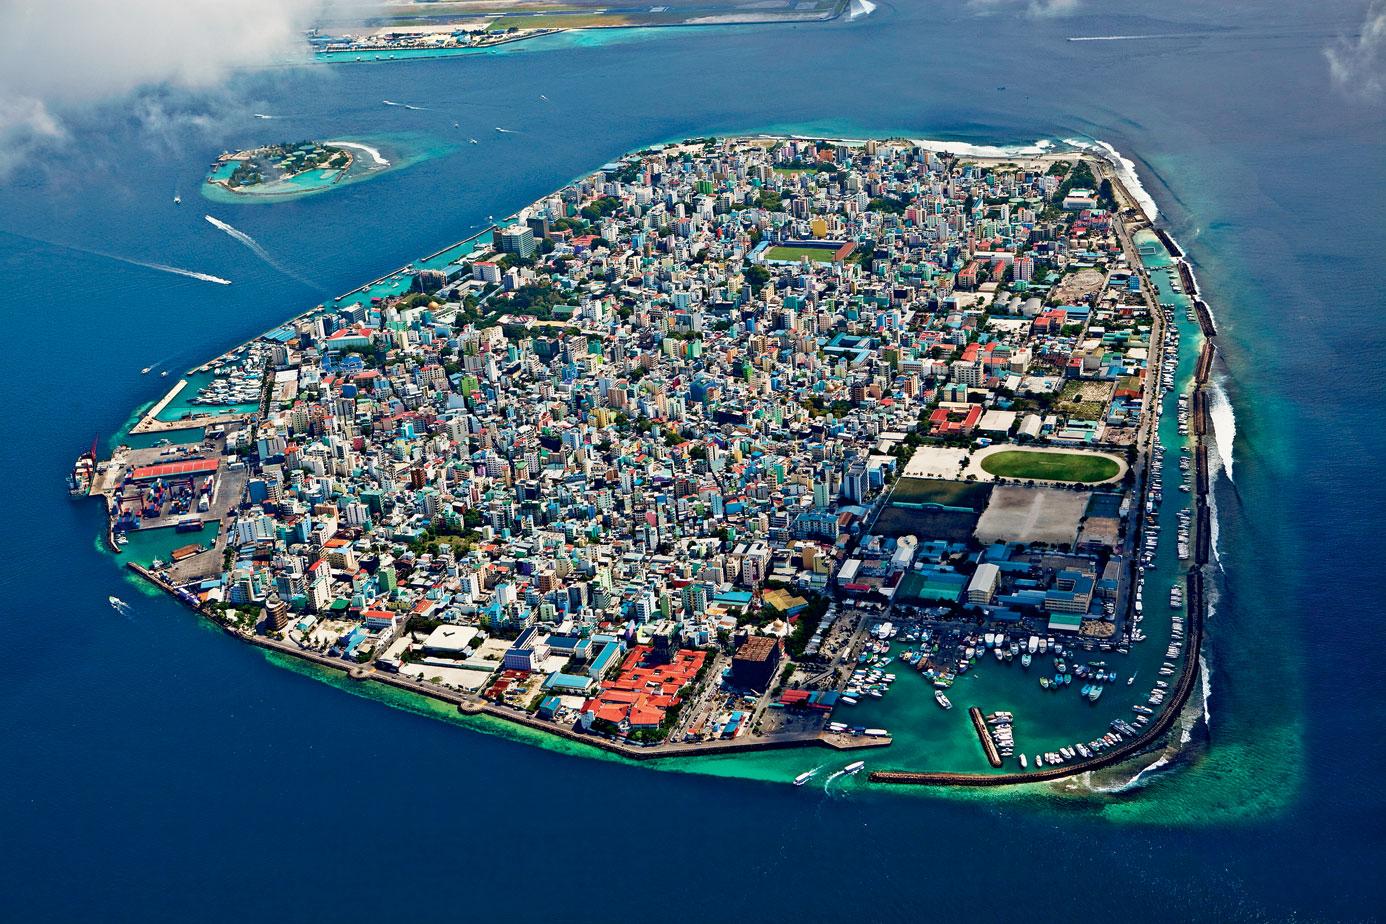 Malé aerial shot